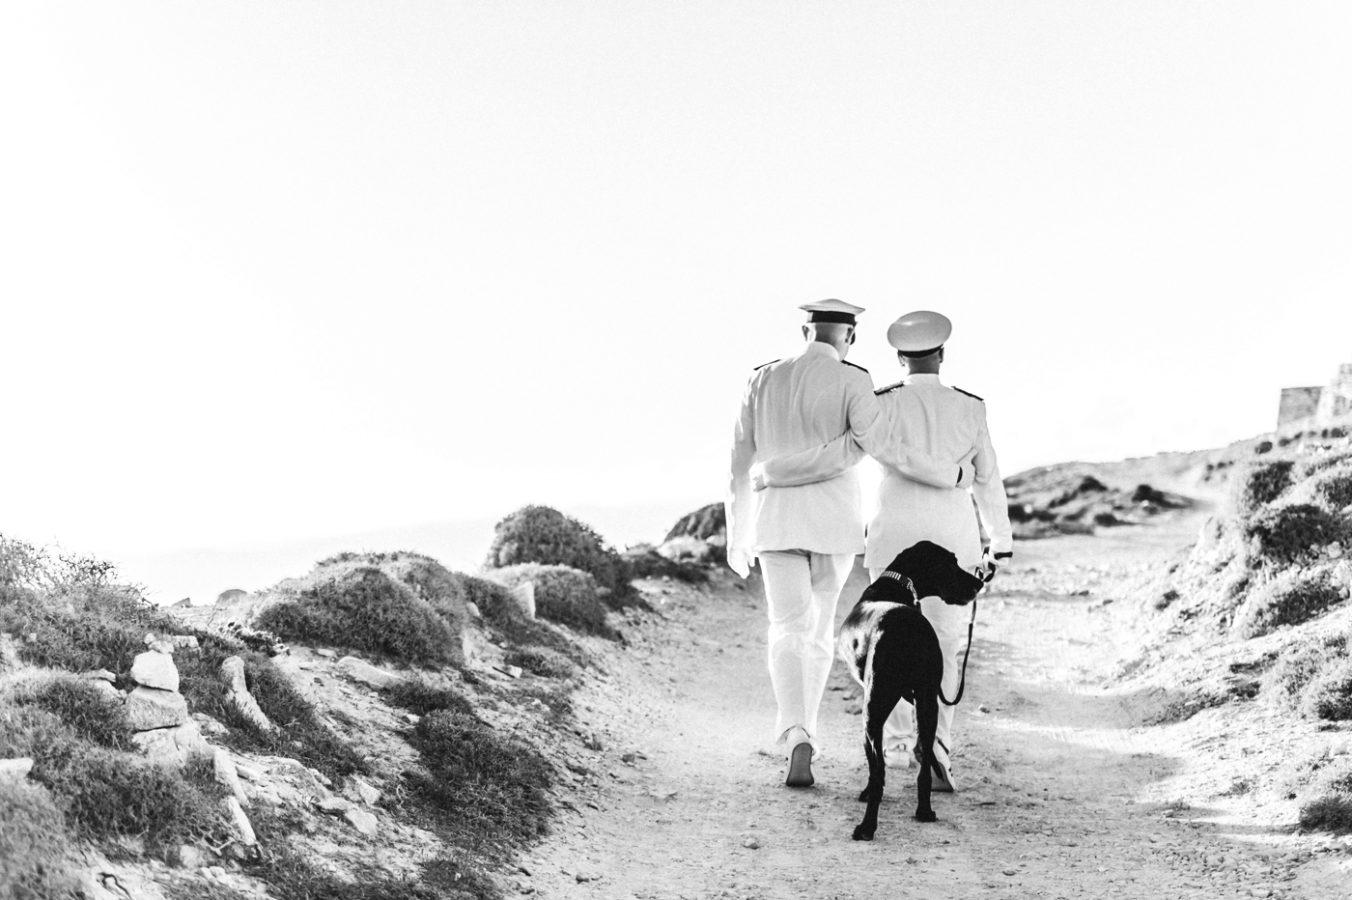 Fotos HochzeitsreportagenFotoshochzeit hochzeitsfotograf international cologne ibiza mallorca 0876